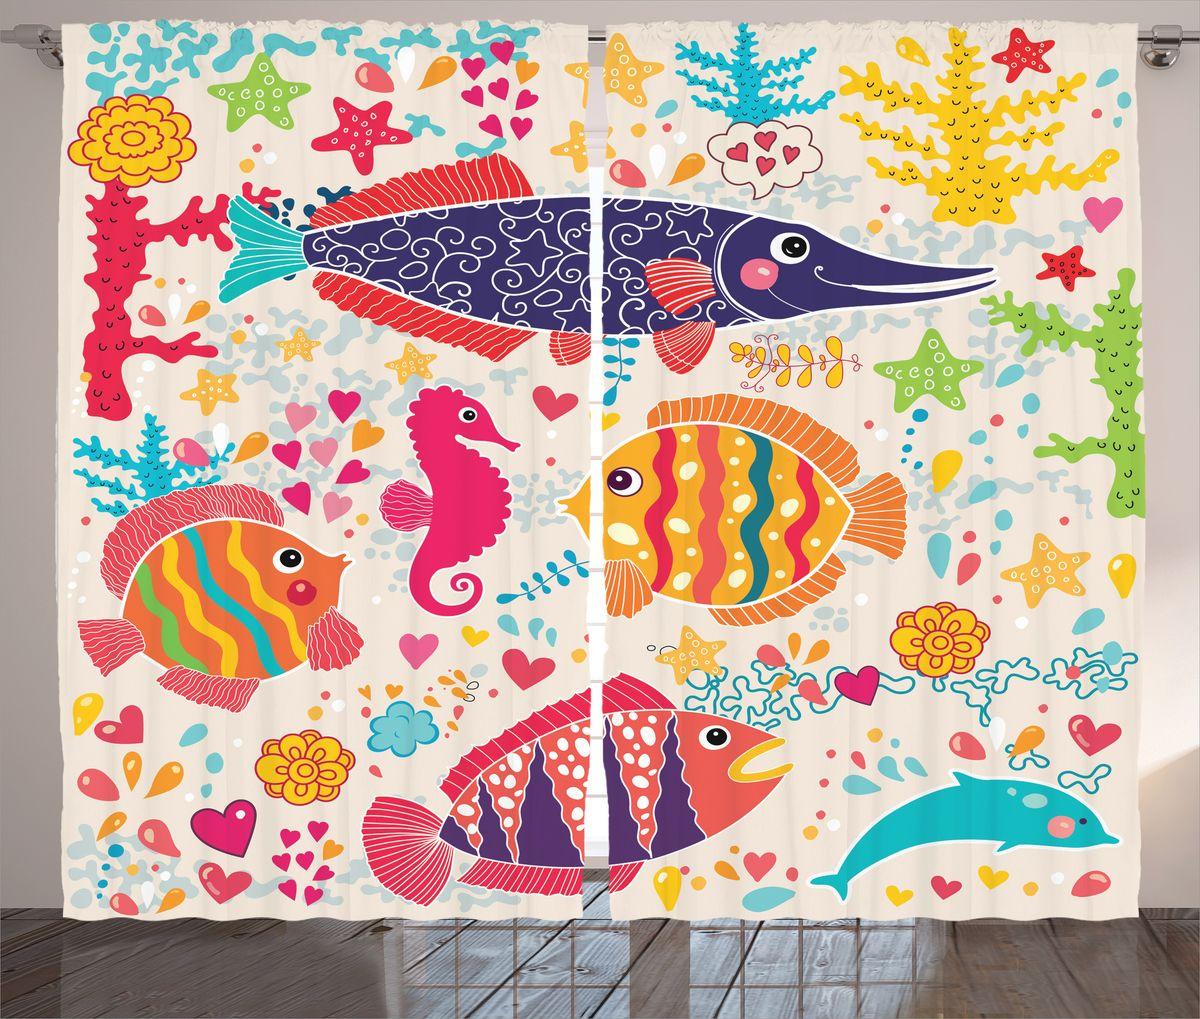 Комплект фотоштор Magic Lady Влюбленные рыбки, на ленте, высота 265 см. шсг_17279шсг_17279Компания Сэмболь изготавливает шторы из высококачественного сатена (полиэстер 100%). При изготовлении используются специальные гипоаллергенные чернила для прямой печати по ткани, безопасные для человека и животных. Экологичность продукции Magic lady и безопасность для окружающей среды подтверждены сертификатом Oeko-Tex Standard 100. Крепление: крючки для крепления на шторной ленте (50 шт). Возможно крепление на трубу. Внимание! При нанесении сублимационной печати на ткань технологическим методом при температуре 240°С, возможно отклонение полученных размеров (указанных на этикетке и сайте) от стандартных на + - 3-5 см. Производитель старается максимально точно передать цвета изделия на фотографиях, однако искажения неизбежны и фактический цвет изделия может отличаться от воспринимаемого по фото. Обратите внимание! Шторы изготовлены из полиэстра сатенового переплетения, а не из сатина (хлопок). Размер одного полотна шторы: 145х265 см. В комплекте 2 полотна шторы и 50 крючков.